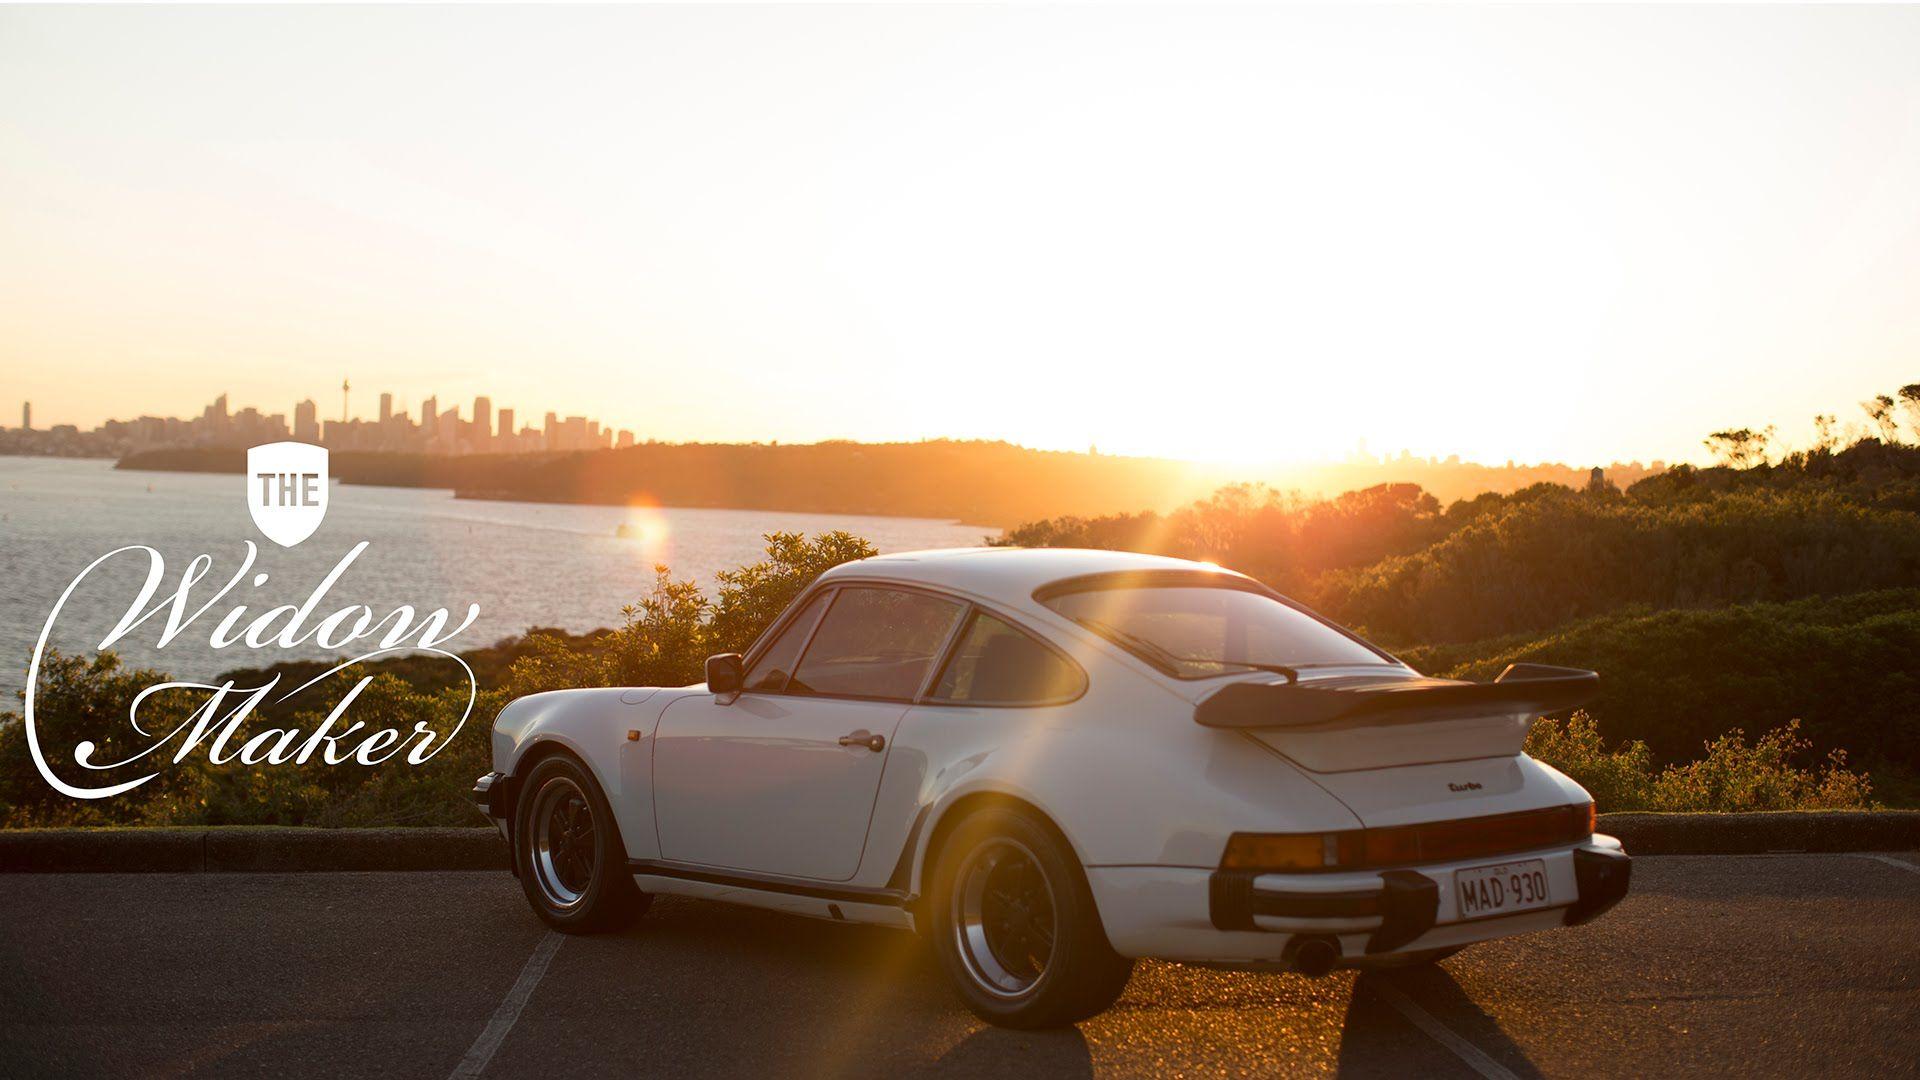 This Porsche 930 Turbo Is A Widowmaker Petrolicious 930 Turbo Porsche 930 Turbo Porsche